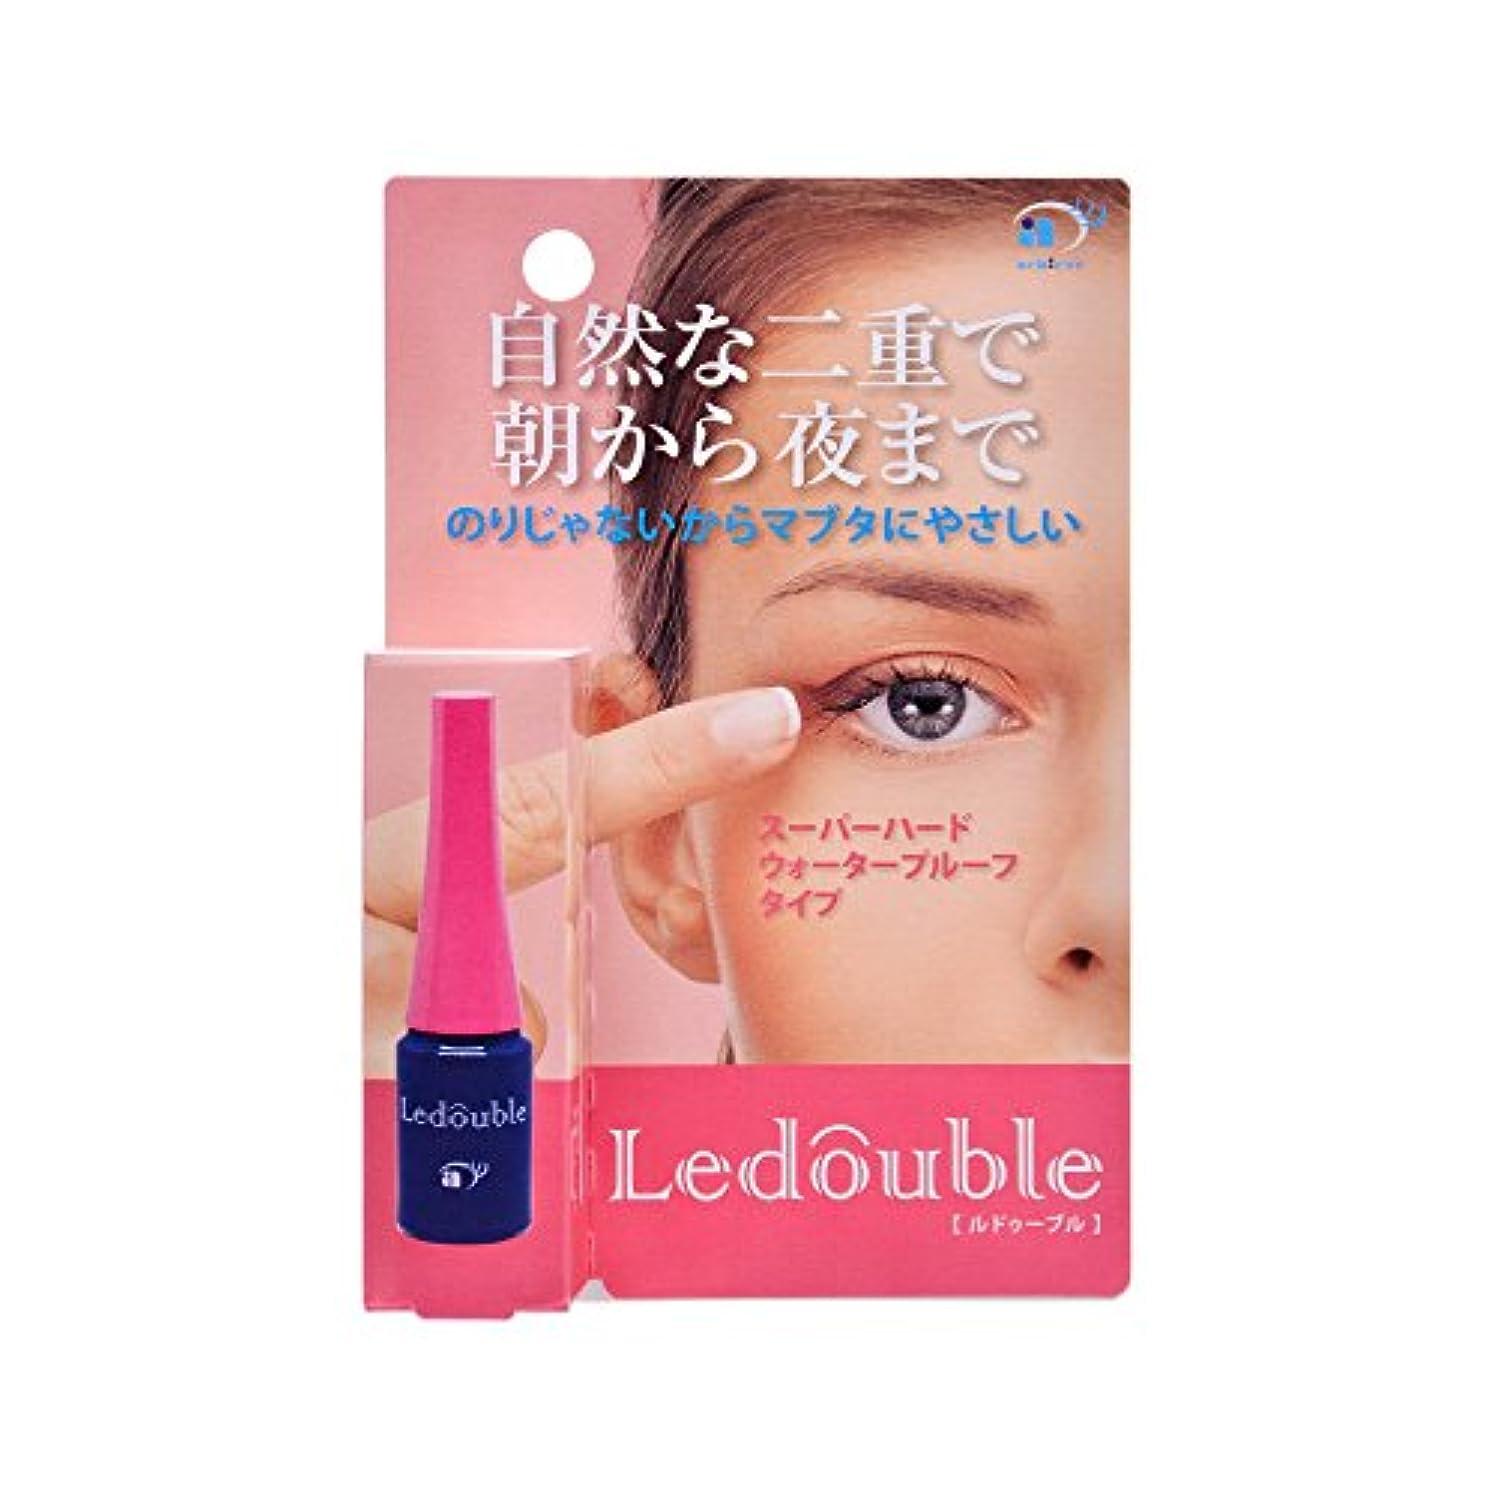 インク千ディスクLedouble [ルドゥーブル] 二重まぶた化粧品 (2mL)